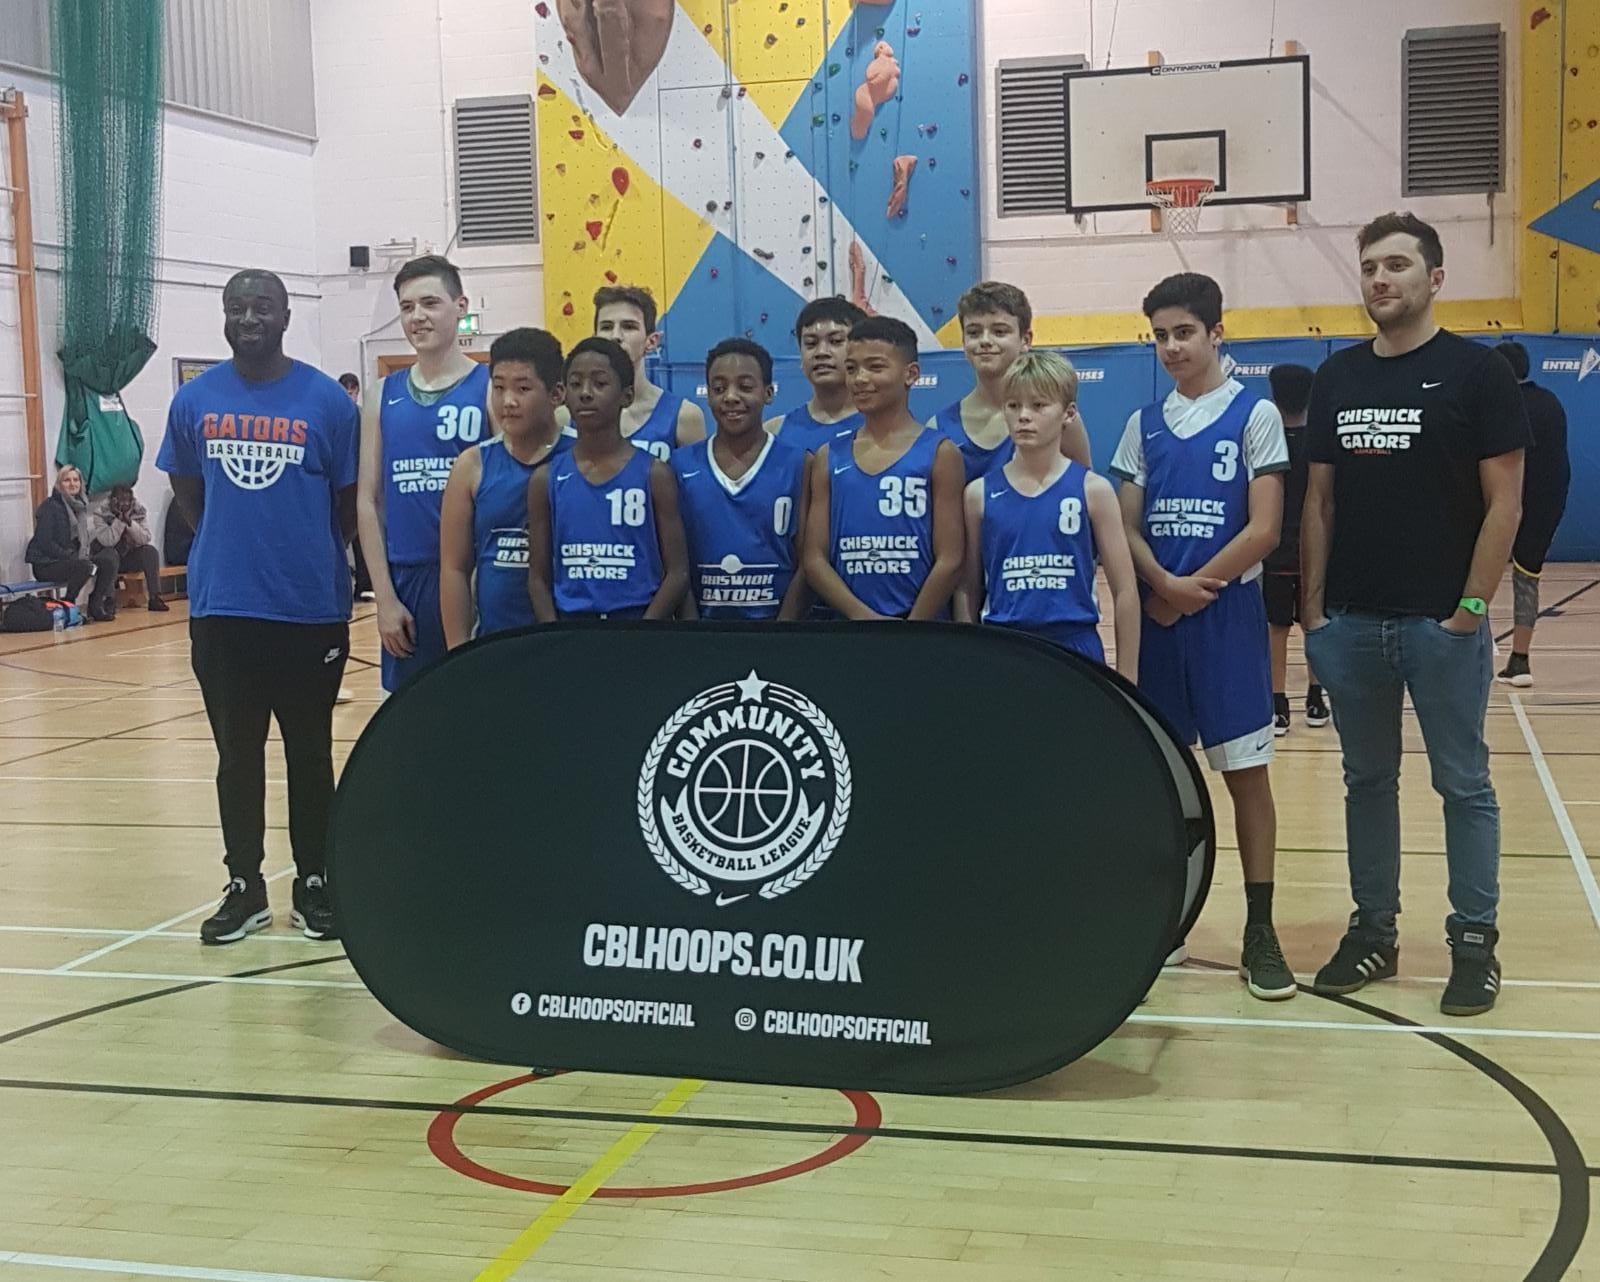 U14 CBL team